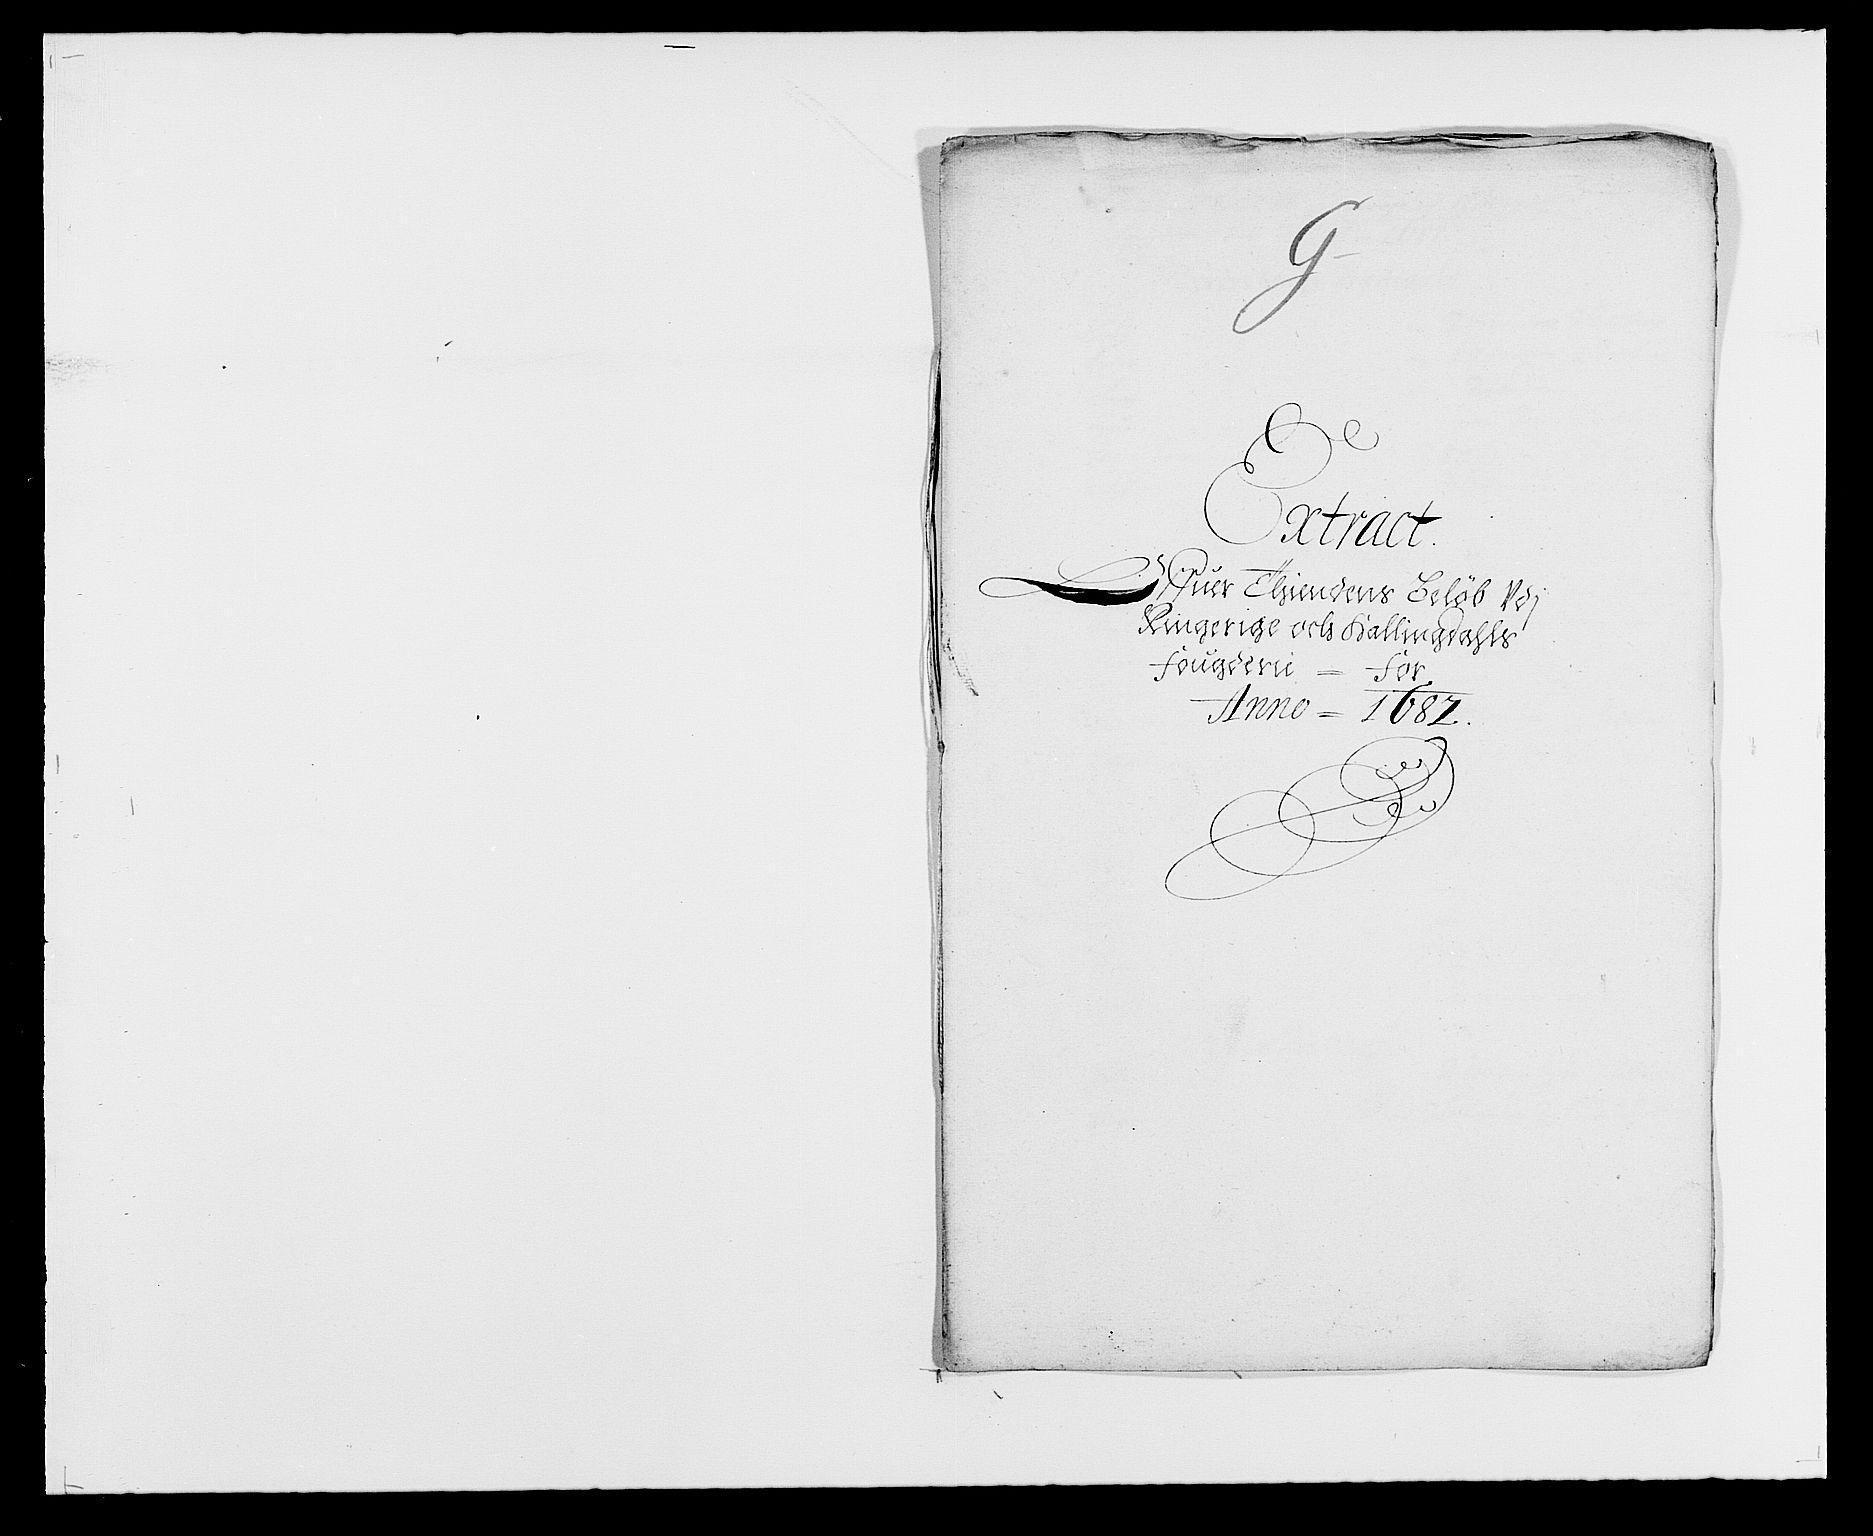 RA, Rentekammeret inntil 1814, Reviderte regnskaper, Fogderegnskap, R21/L1445: Fogderegnskap Ringerike og Hallingdal, 1681-1689, s. 378